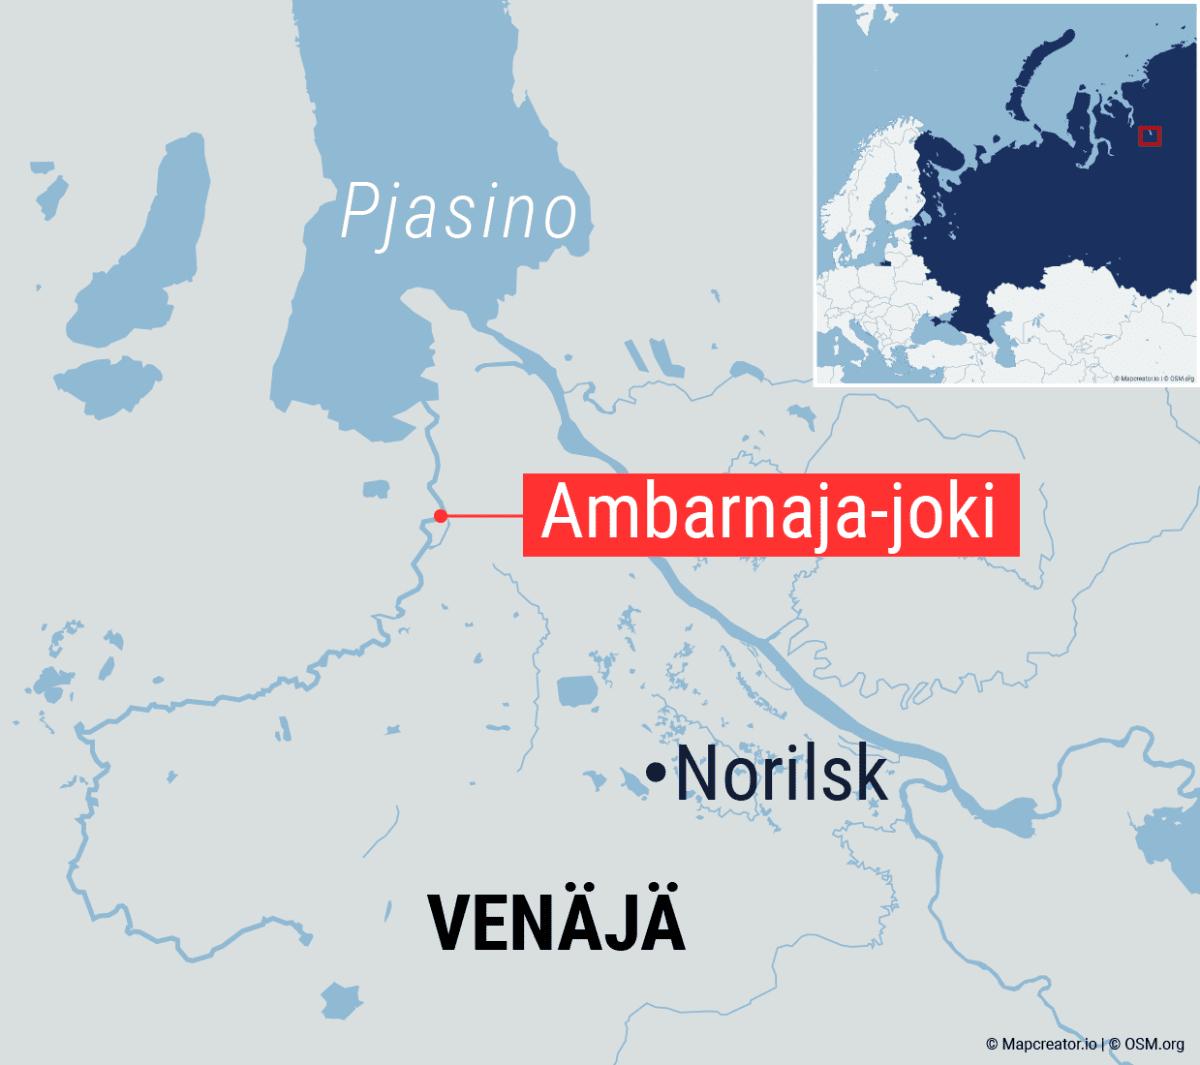 Kartta Ambarnaja-joen sijainnista Venäjällä.